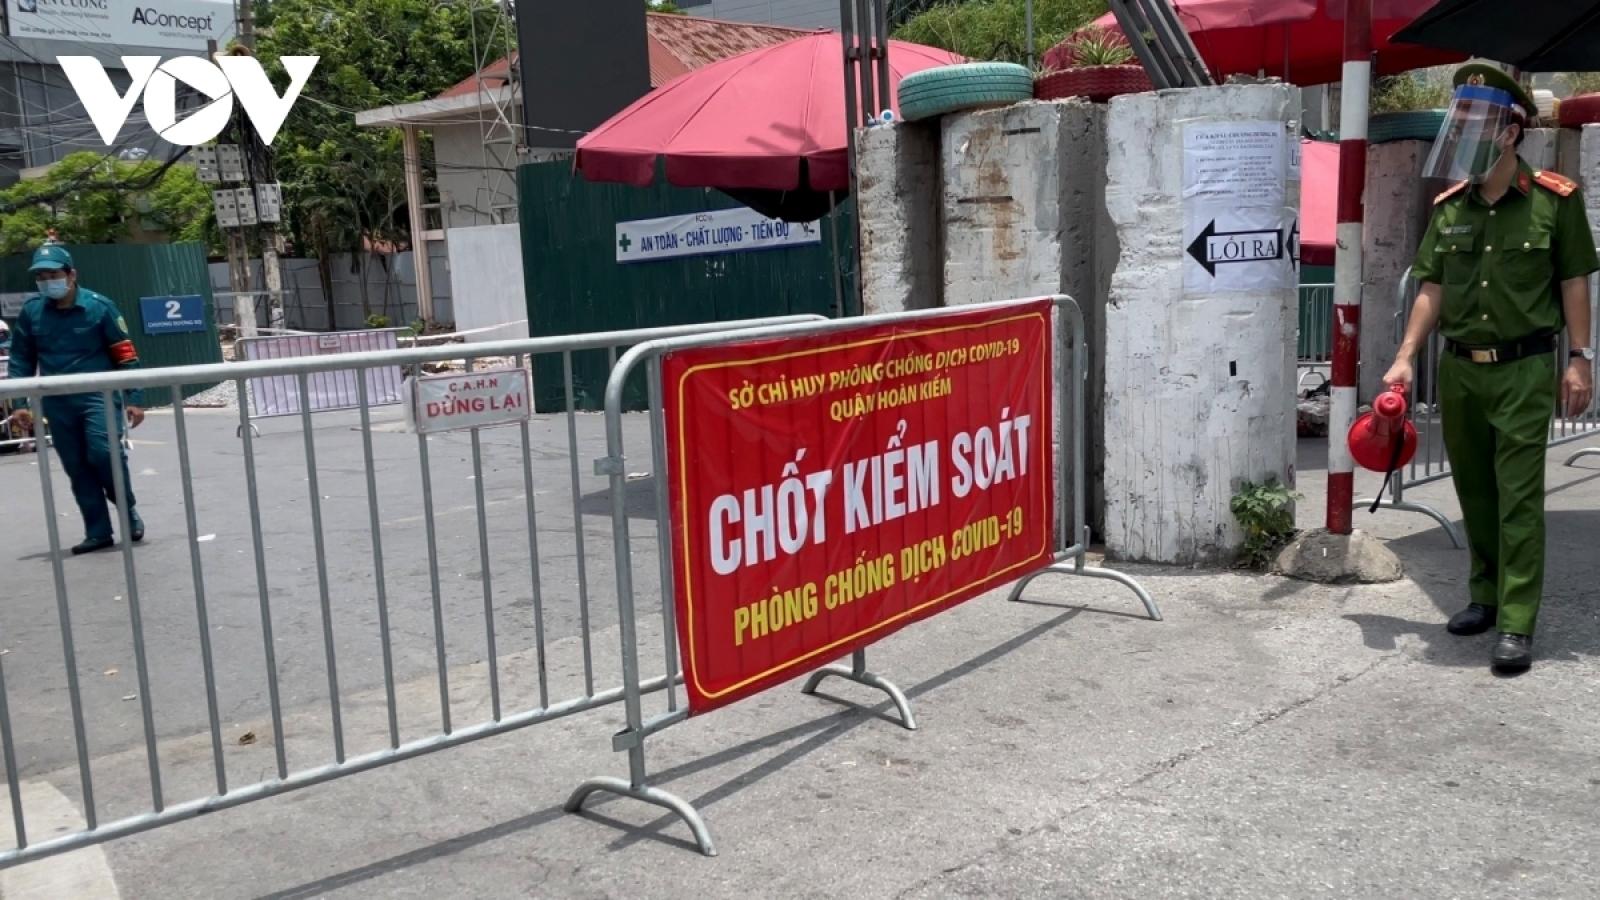 Dỡ bỏ hoàn toàn cách ly y tế phường Chương Dương sau hơn 40 ngày phong tỏa